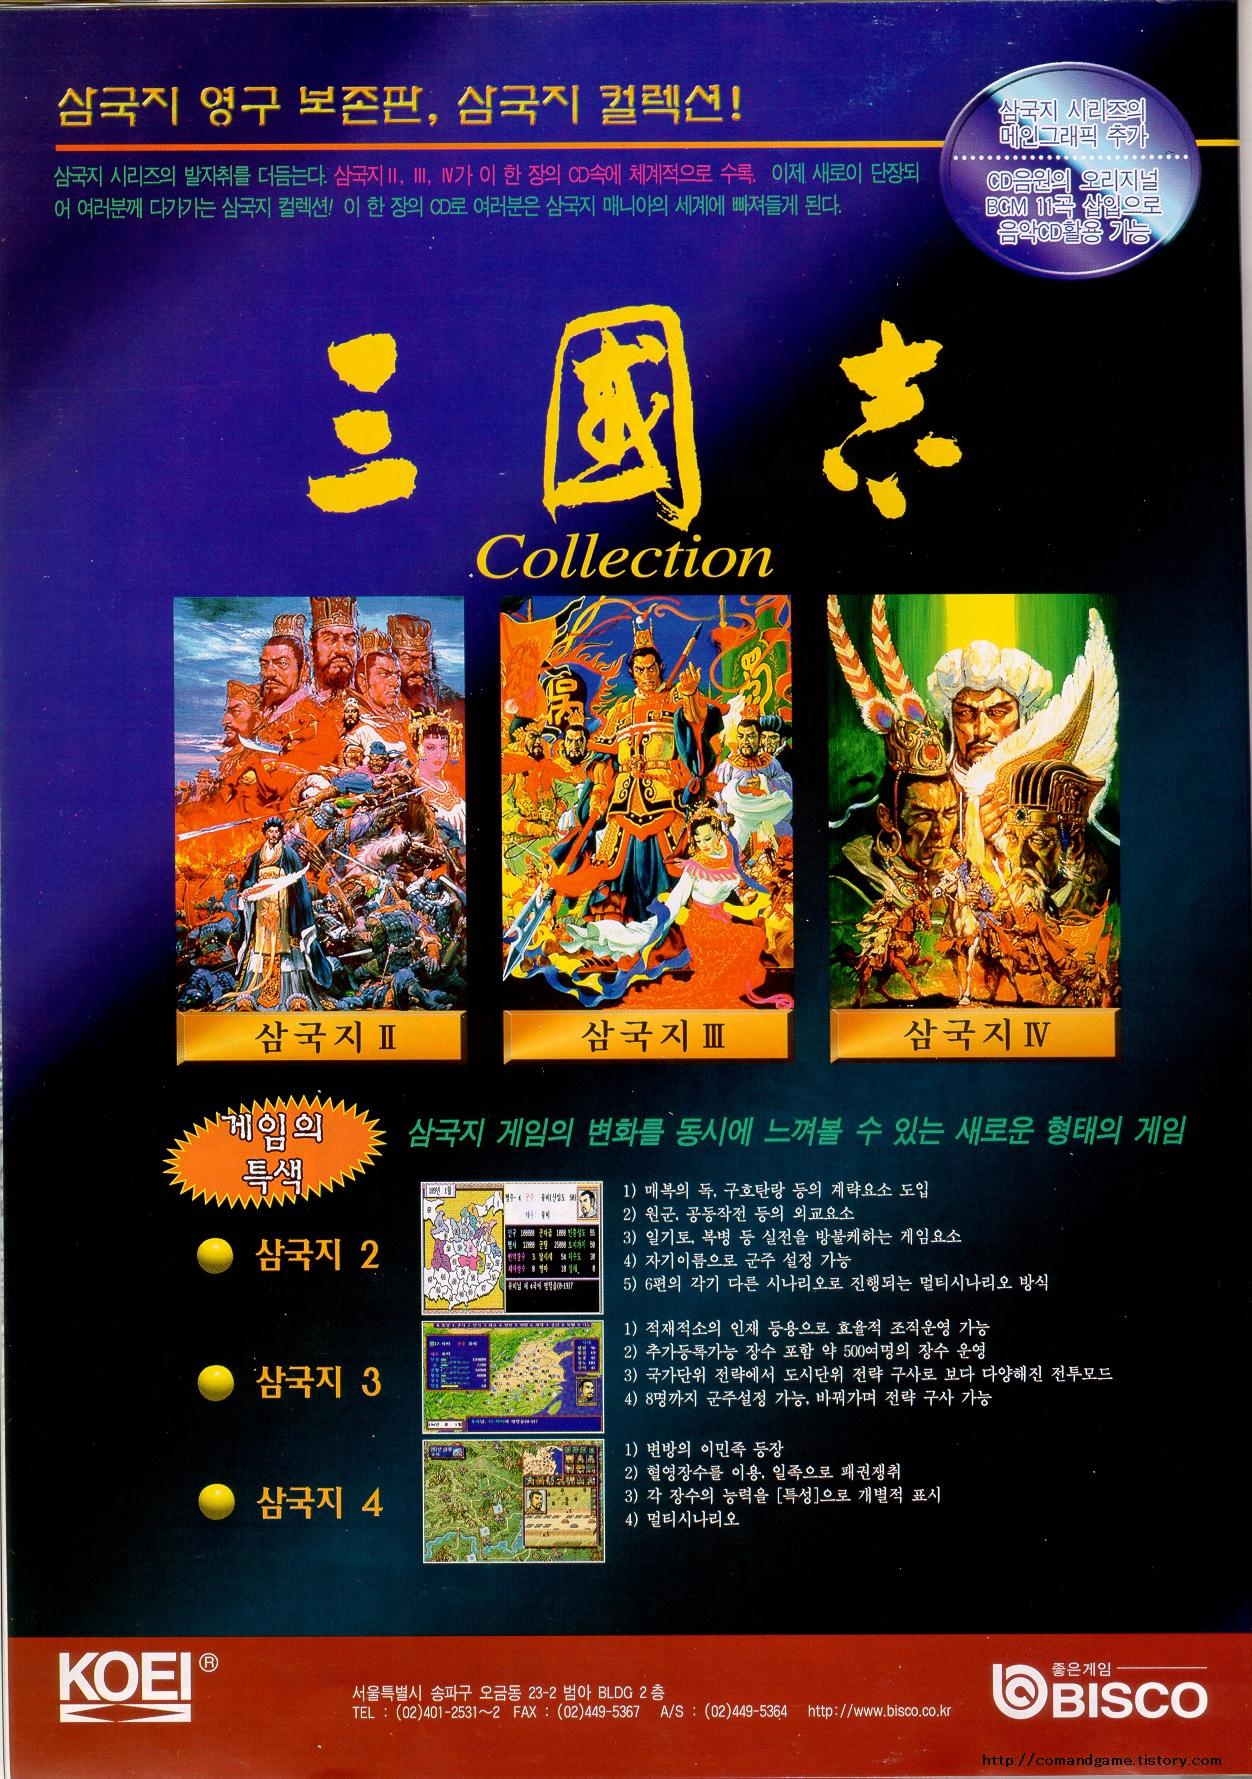 삼국지 컬렉션 잡지 광고